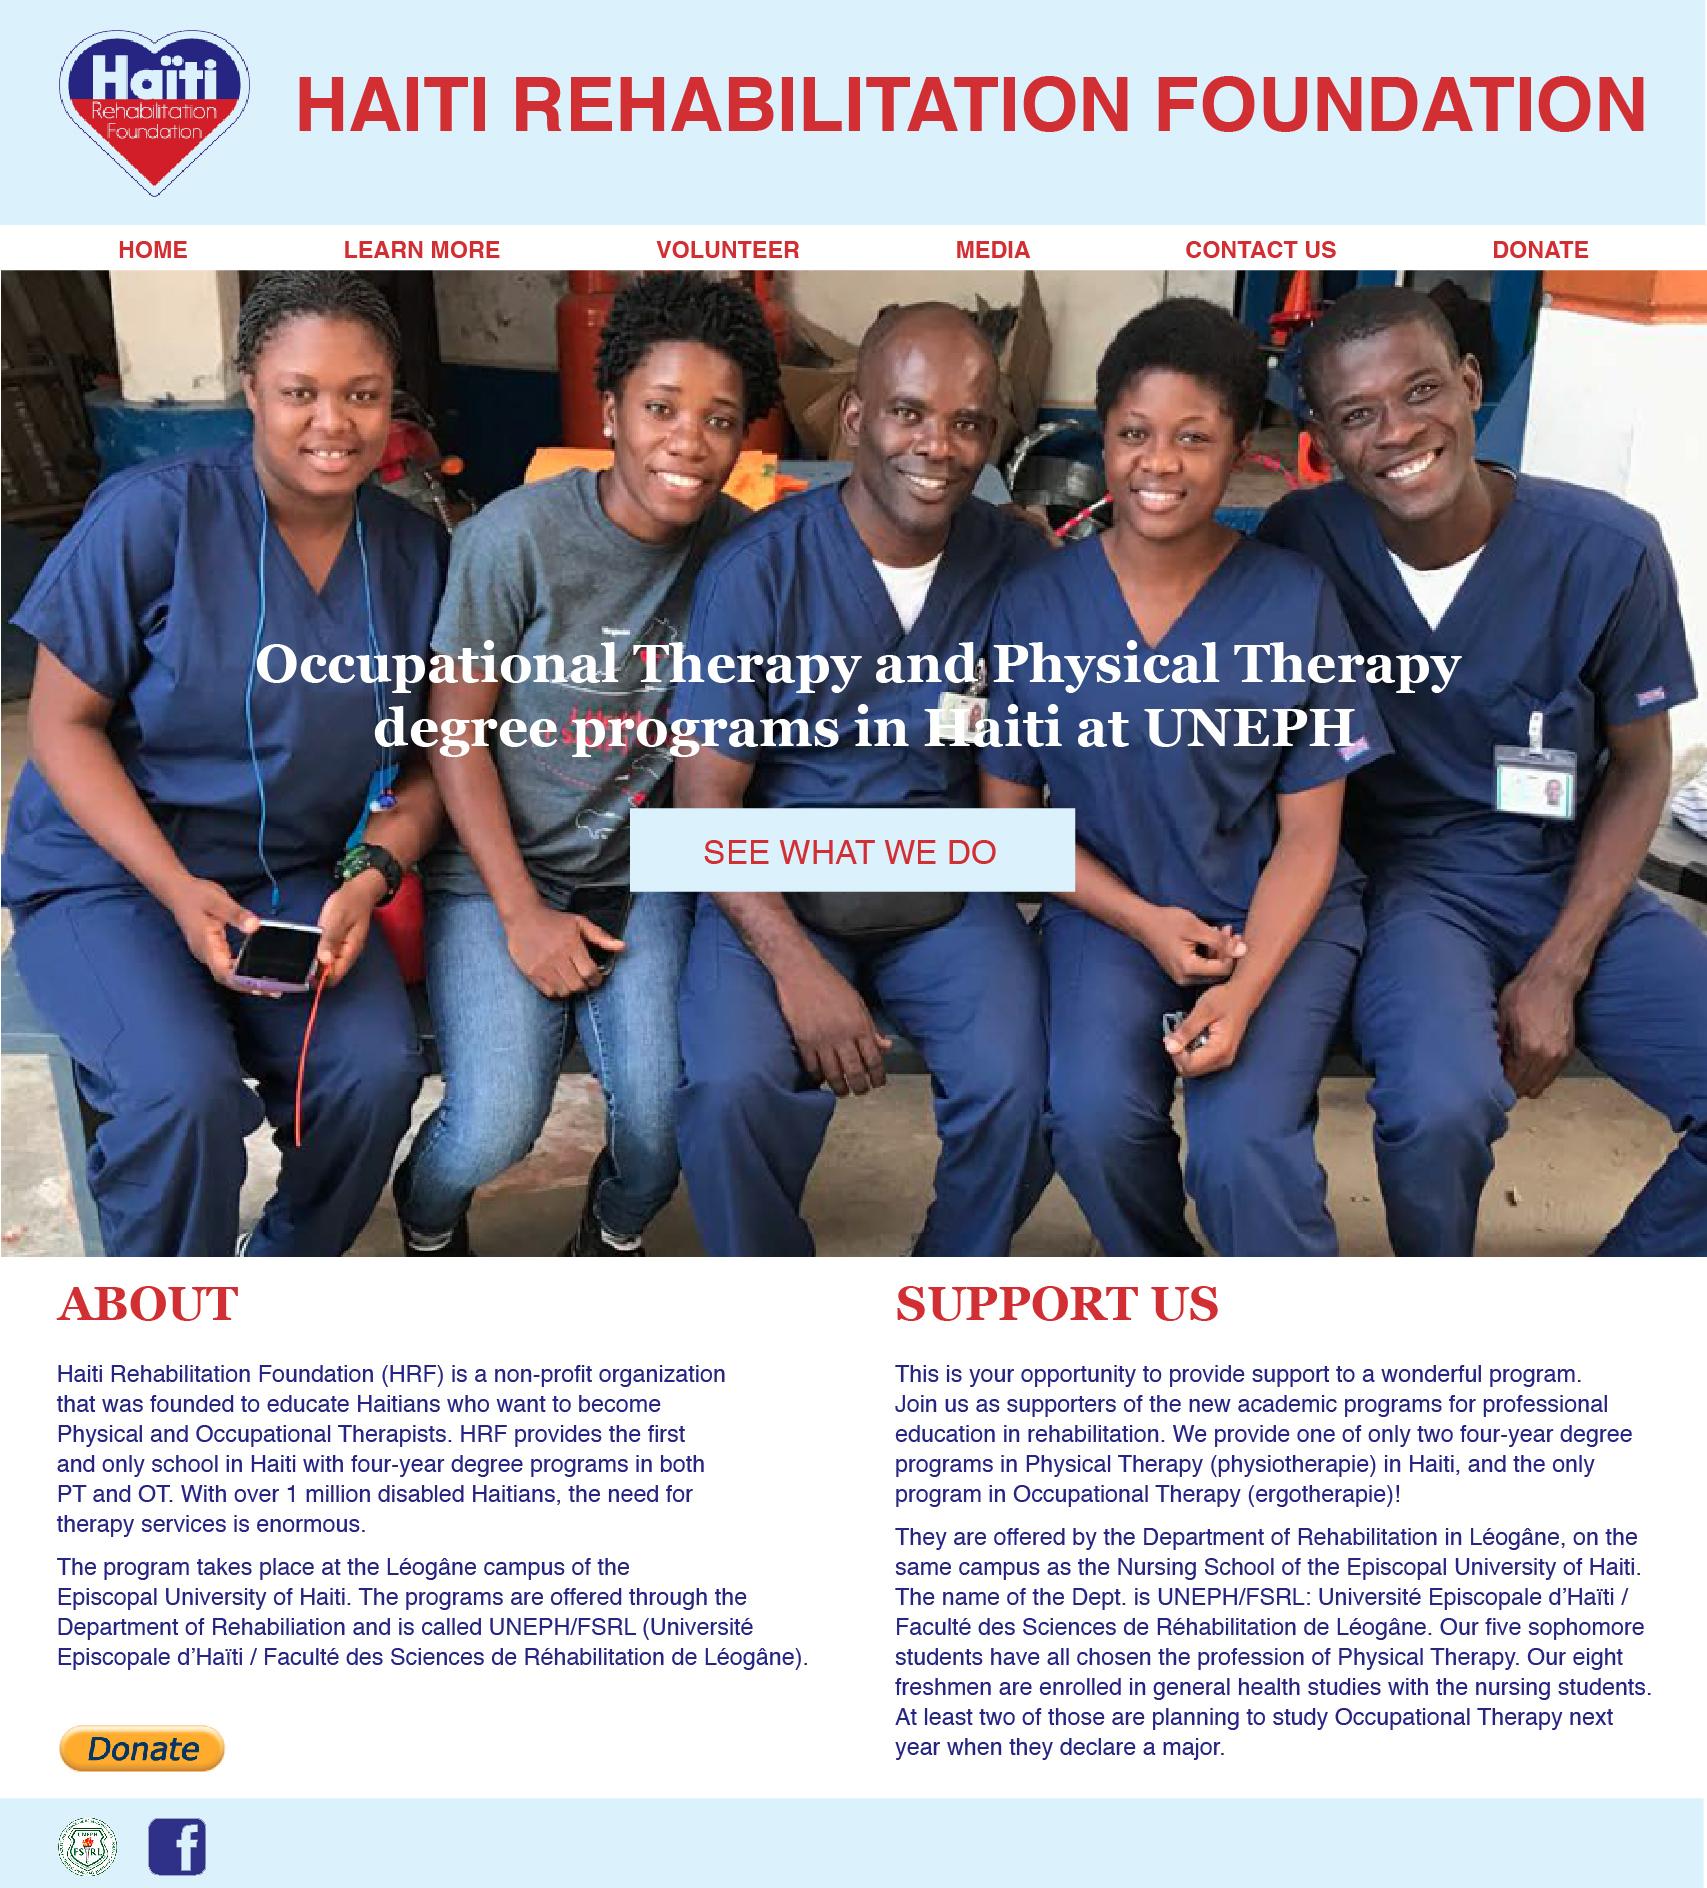 haiti_rehab_mock.jpg